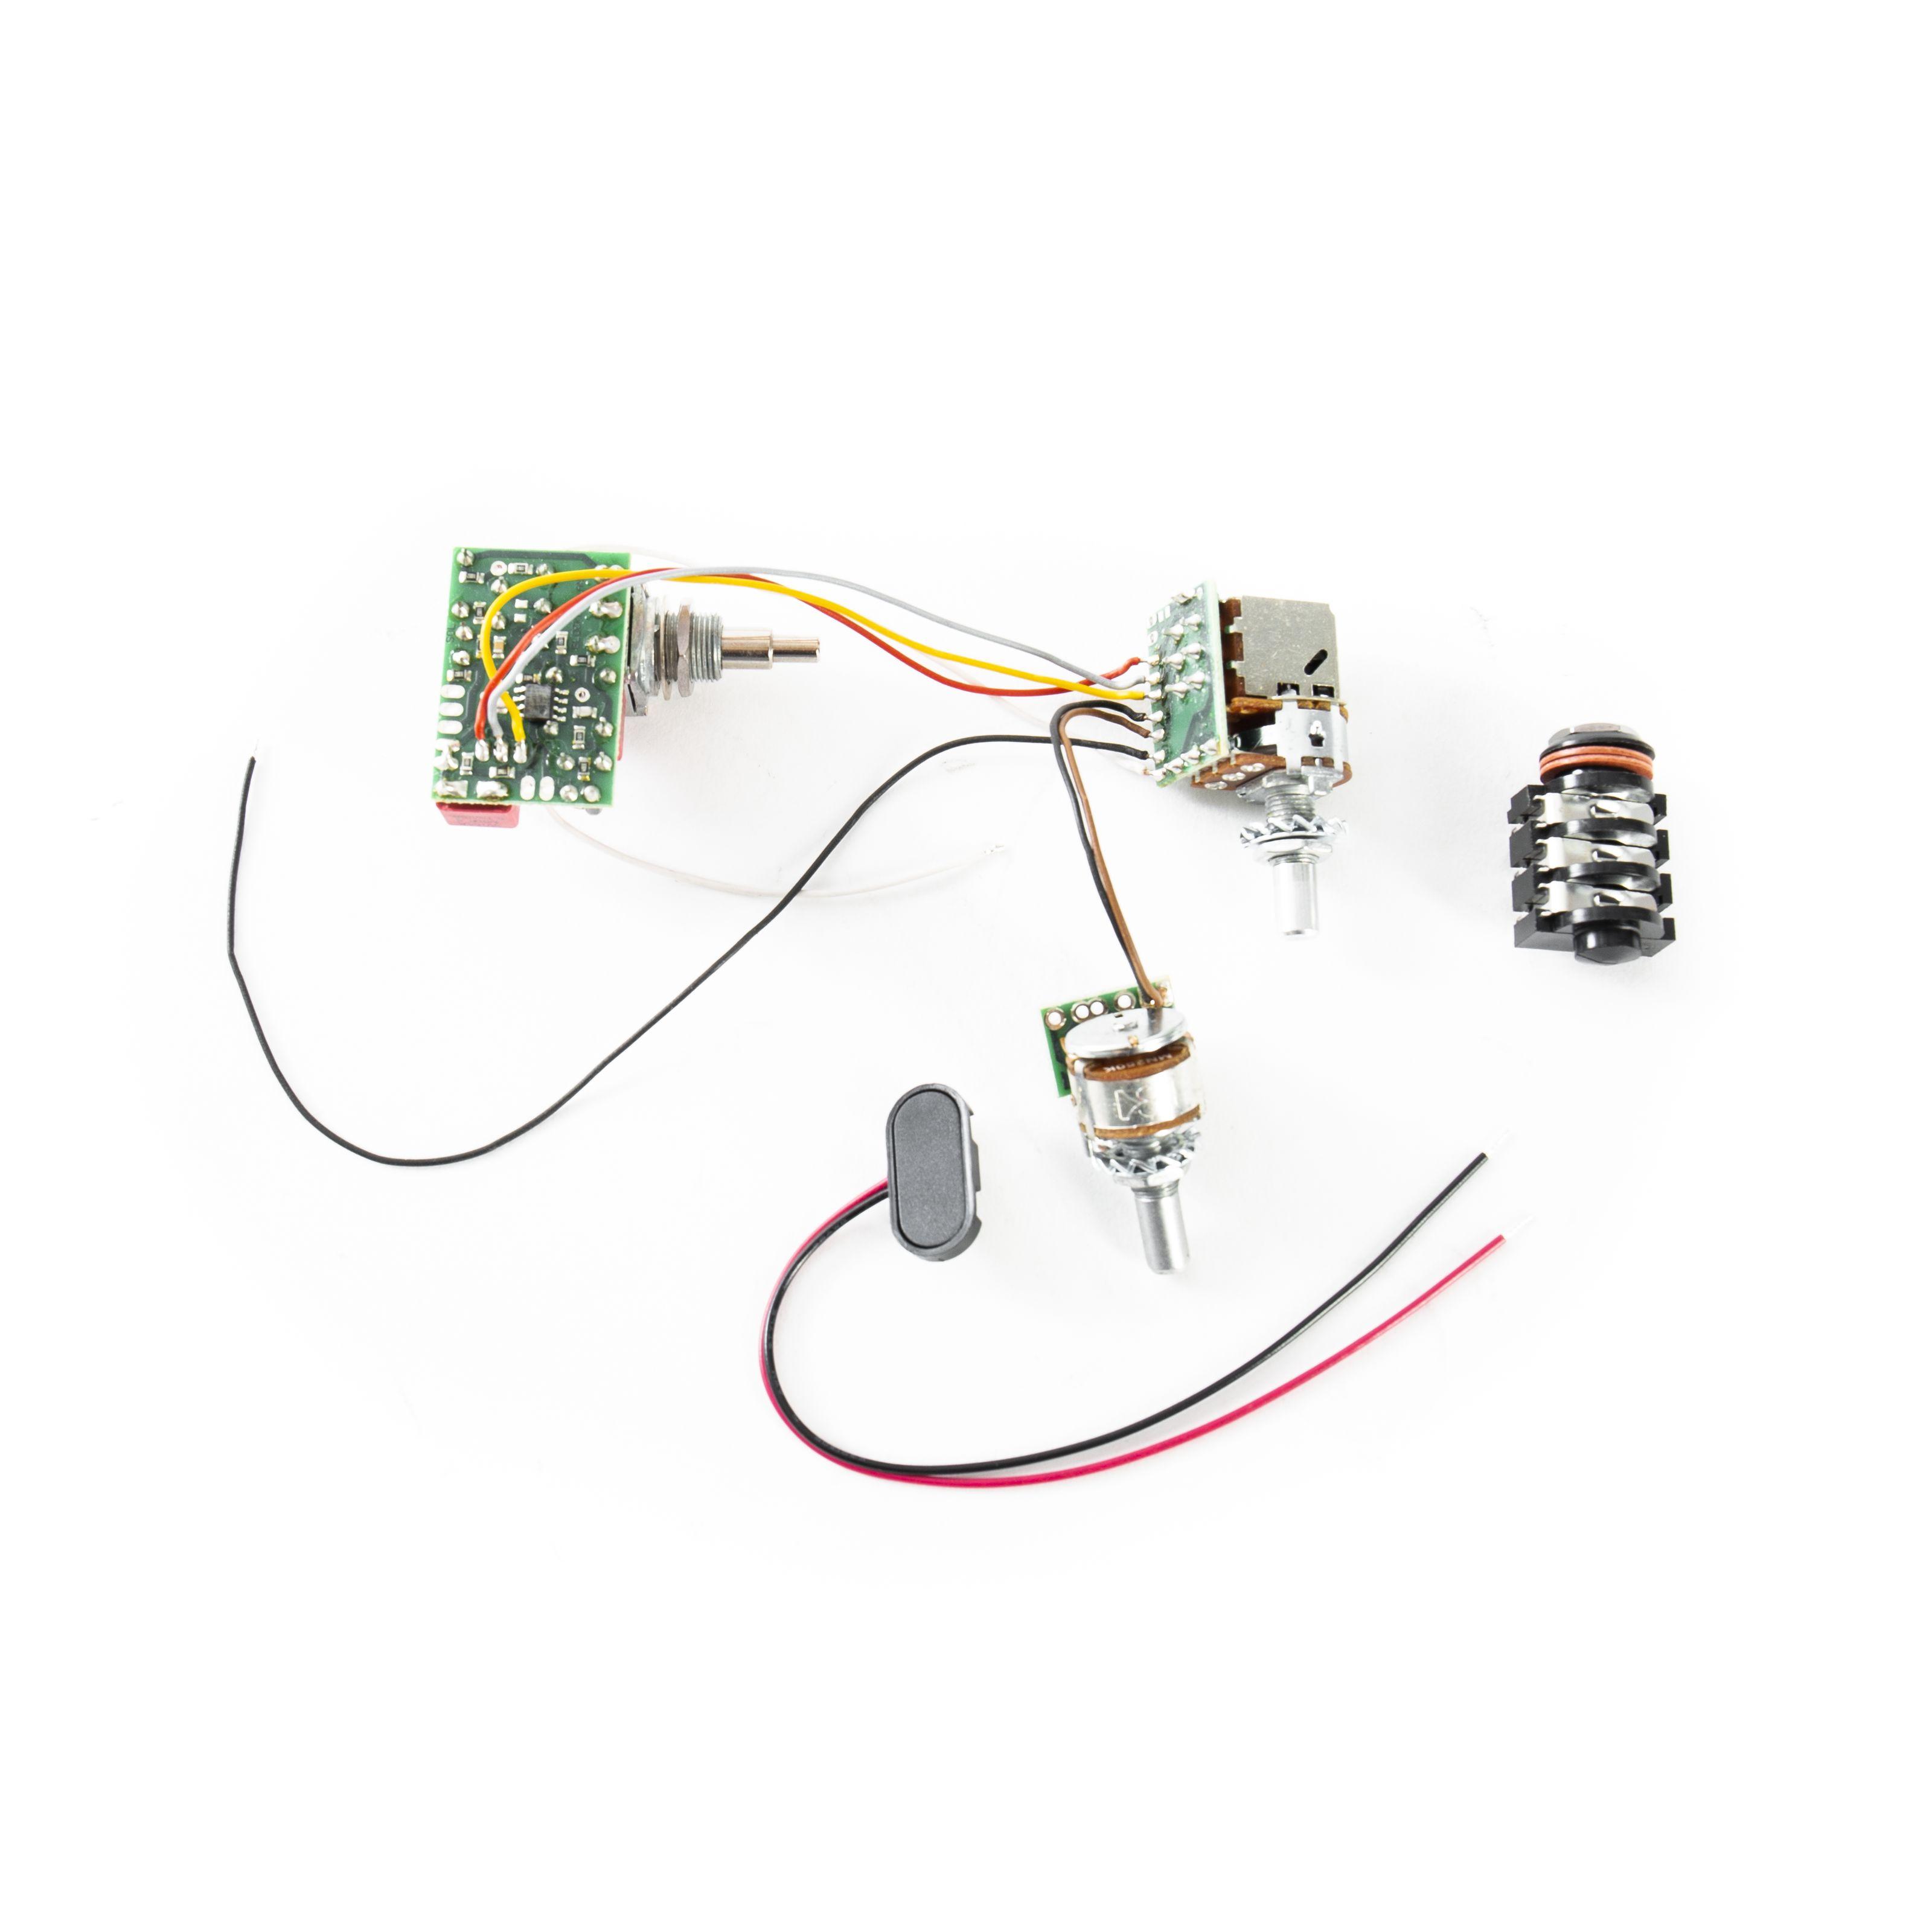 Glockenklang - 2 Band Elektronik stacked kein Hi-Cut bei passiv 2BandElektronikstack